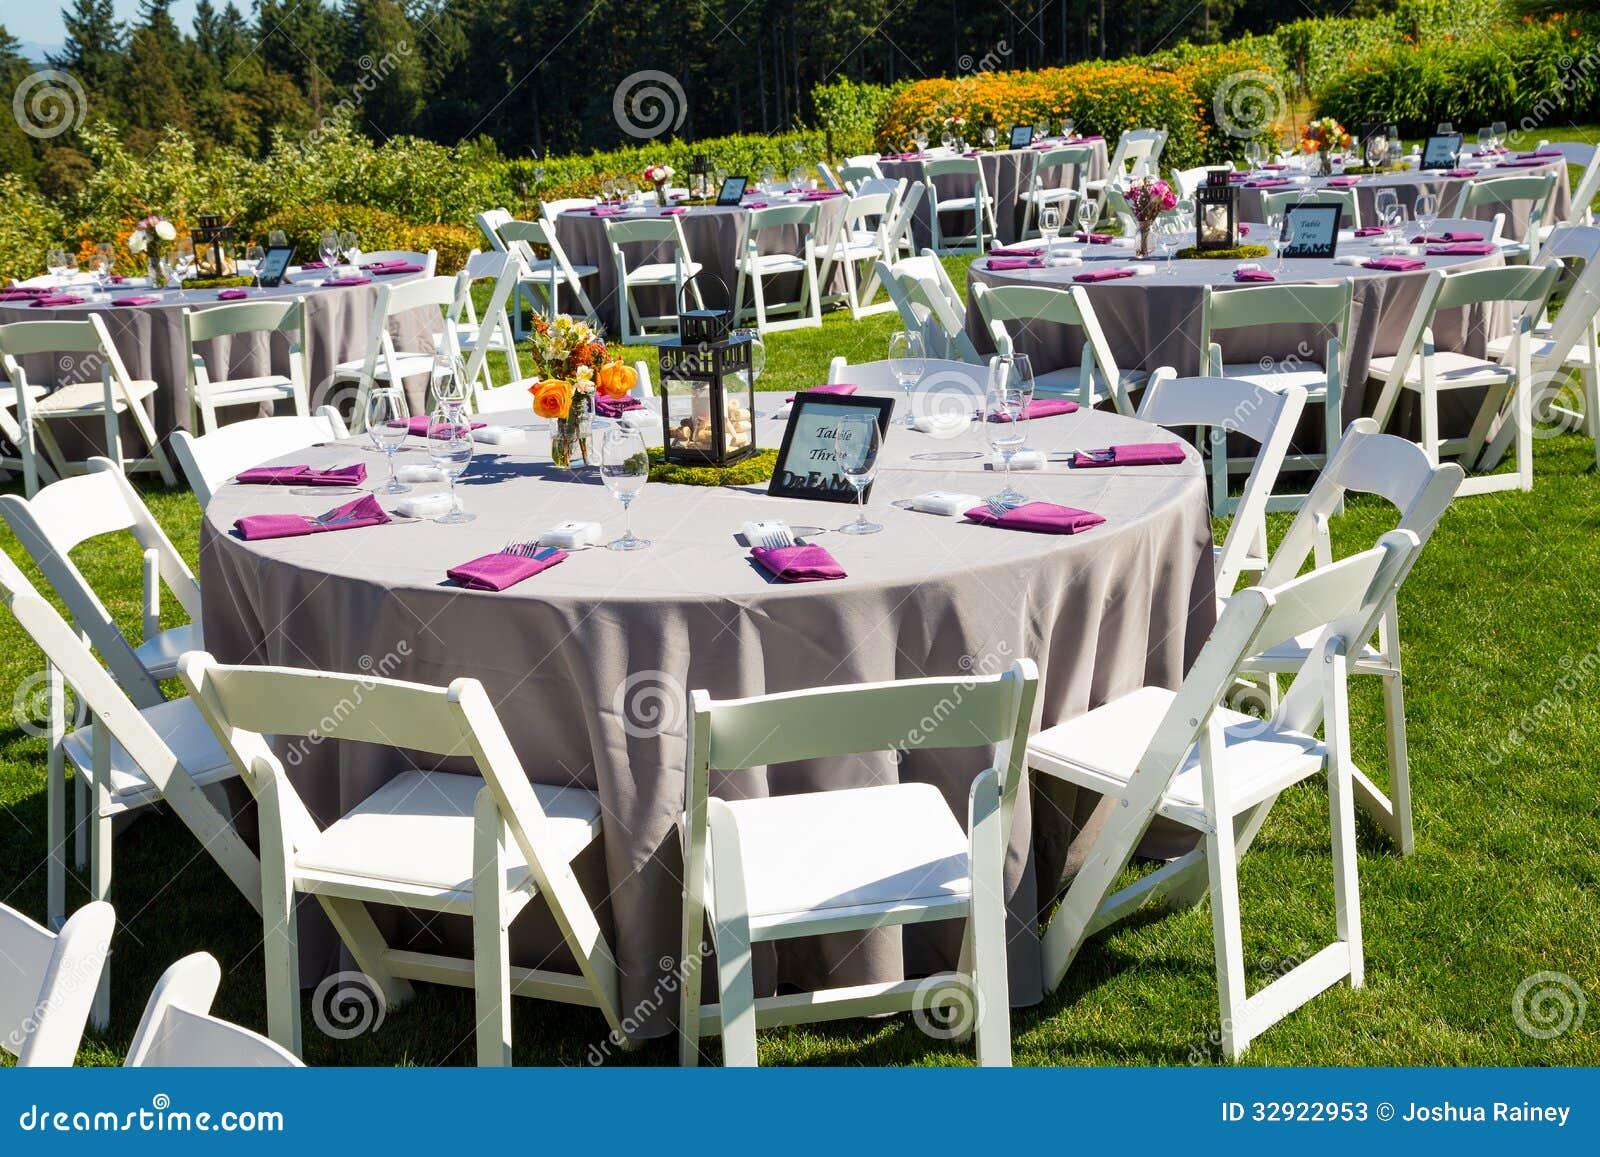 wedding reception table details stock image image 32922953. Black Bedroom Furniture Sets. Home Design Ideas